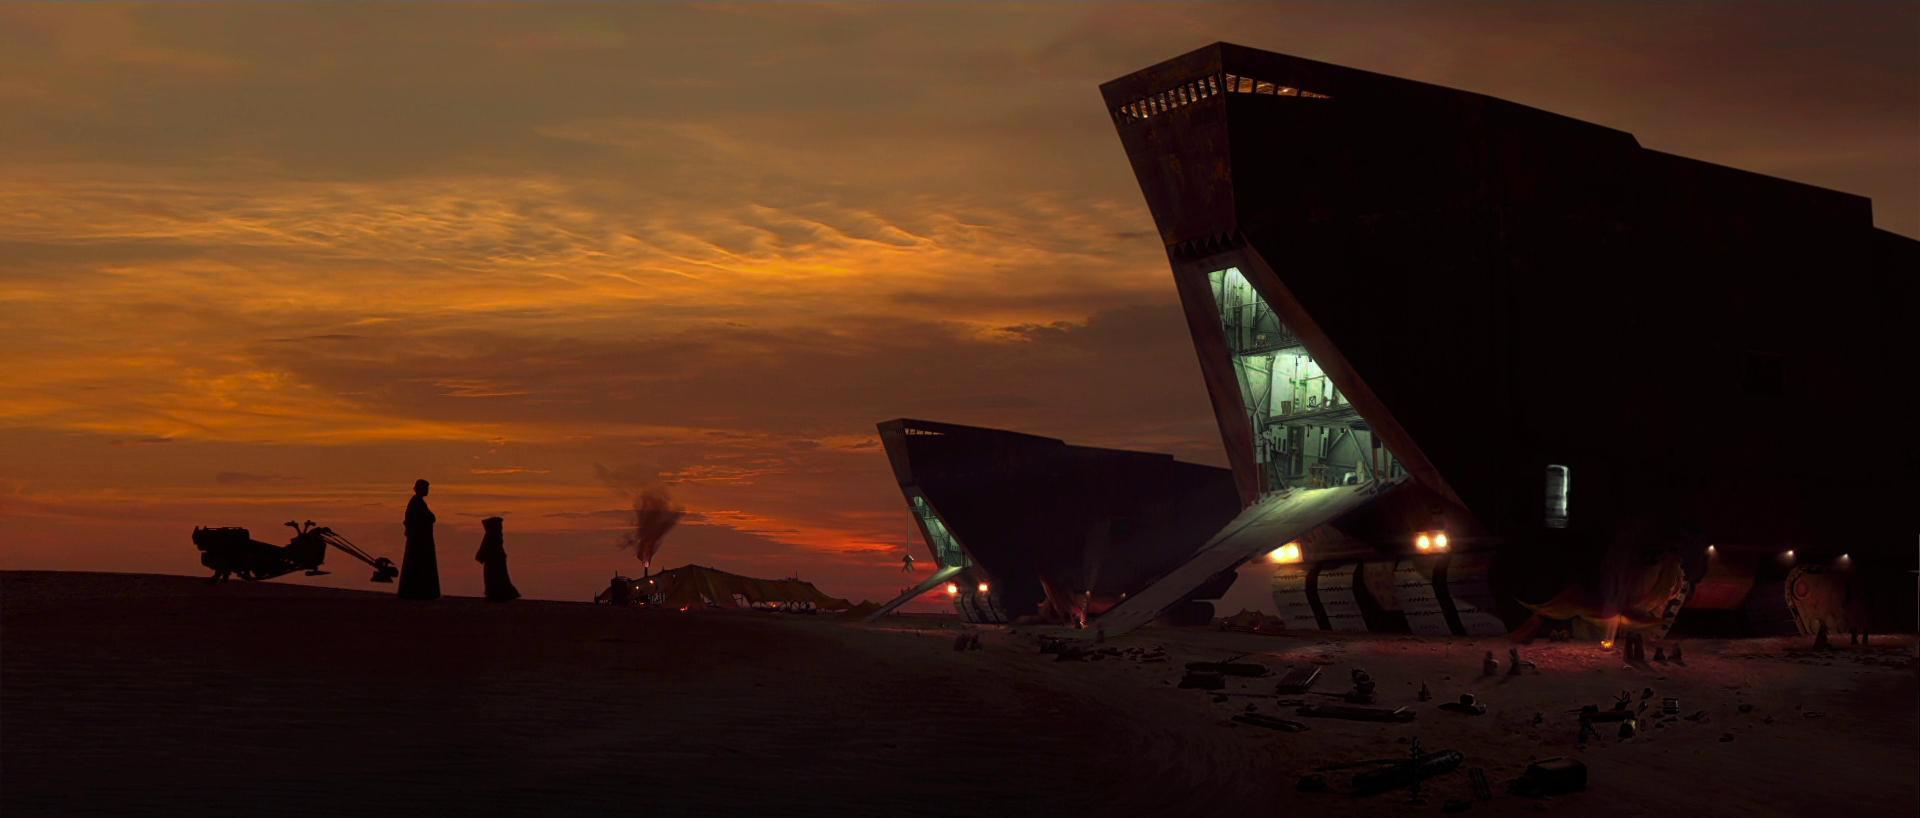 Что общего между машинами и техникой из «Звездных войн». Фото 3